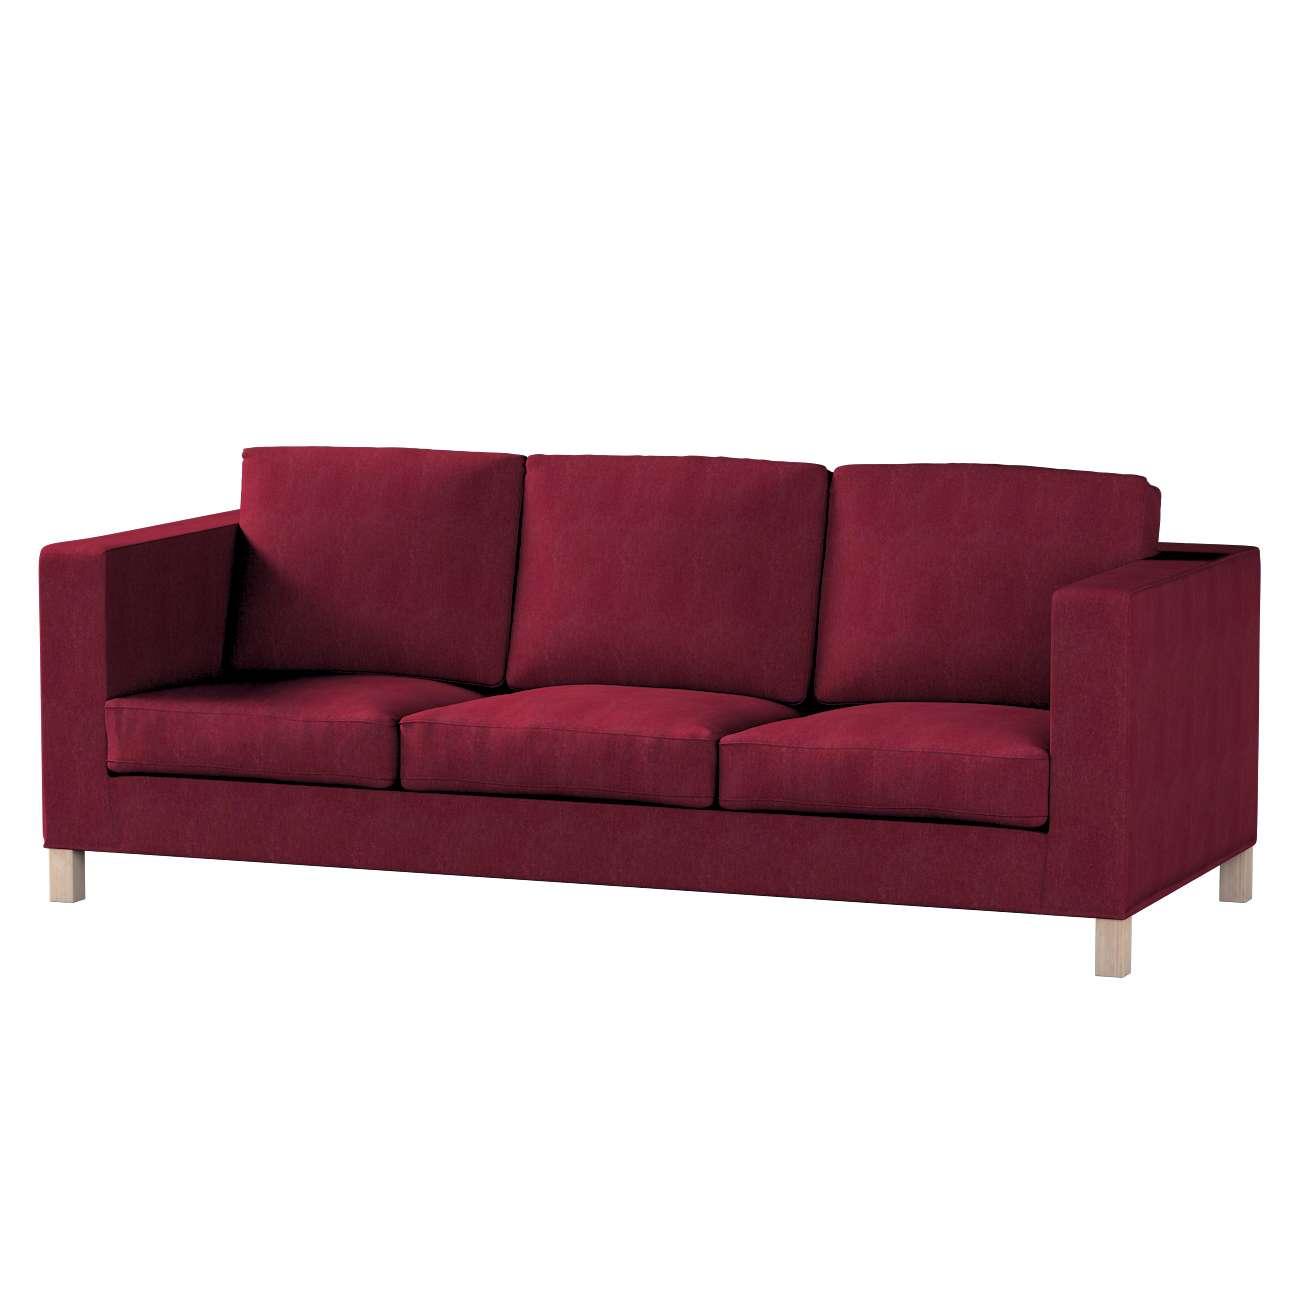 KARLANDA trivietės sofos užvalkalas KARLANDA trivietės sofos užvalkalas kolekcijoje Chenille, audinys: 702-19